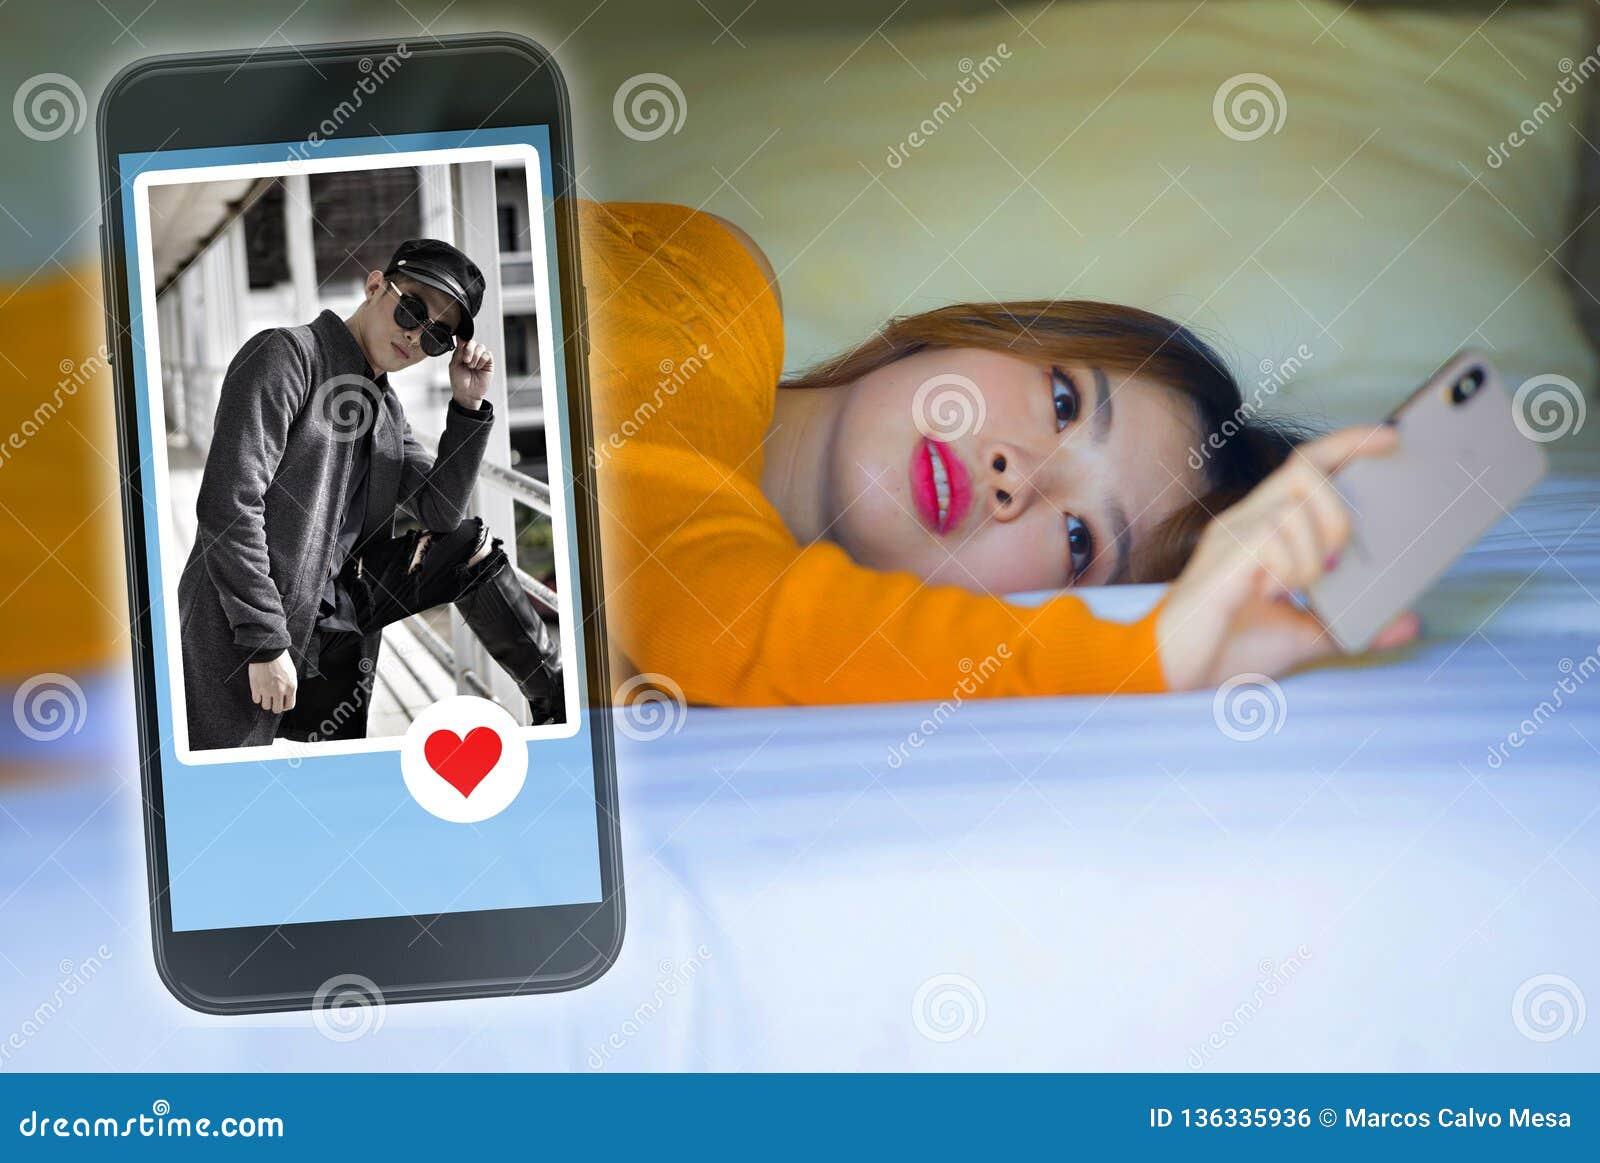 Koreaanse online dating middenklasse dating uk